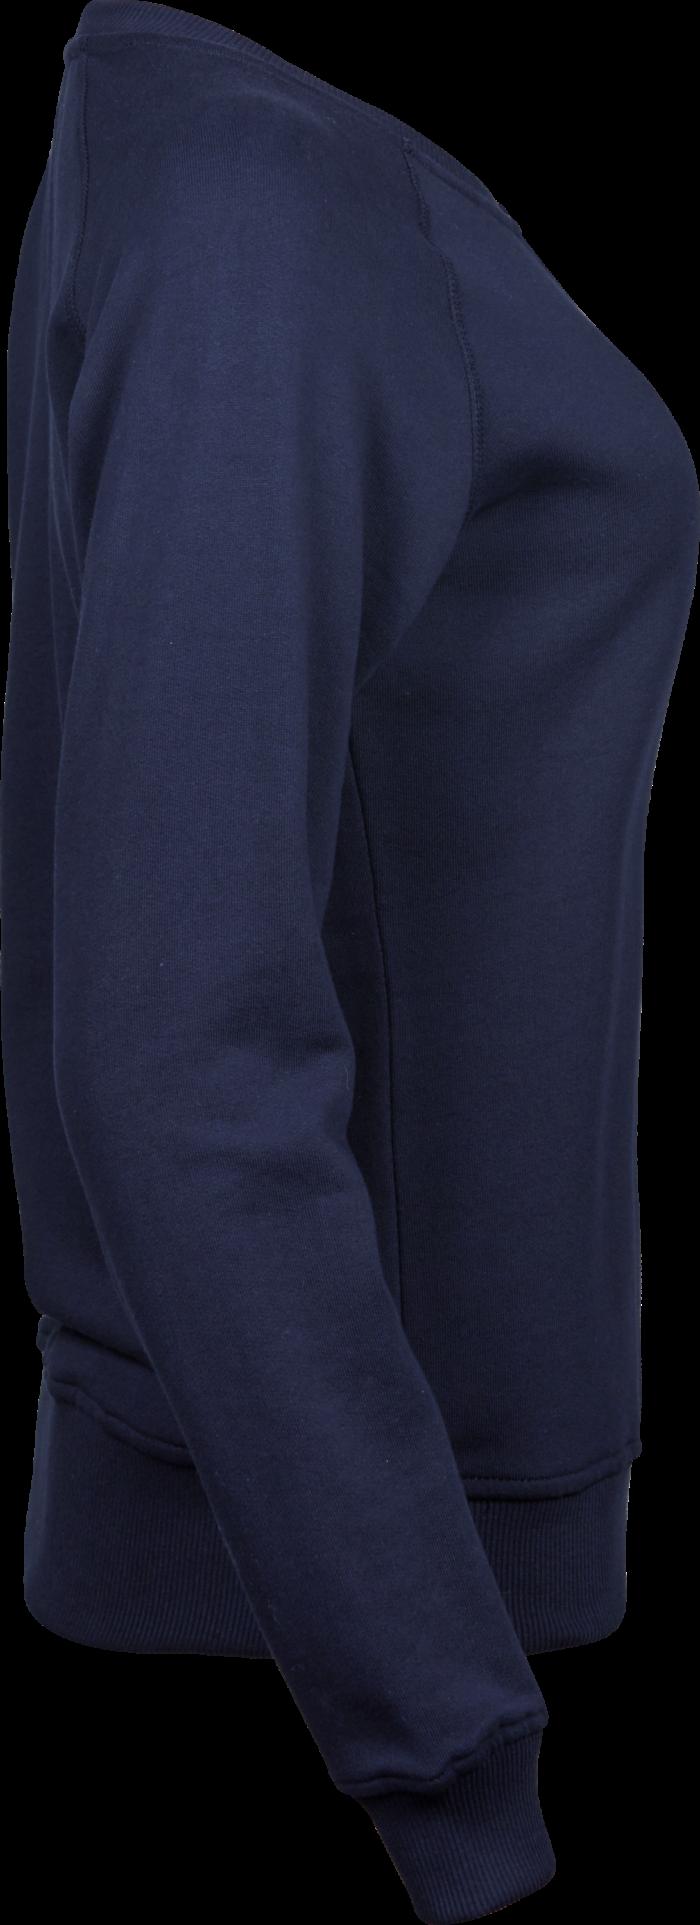 5401_Femme_Urban_Sweat, coton égyptien à longues fibres -non brossé -lavé aux enzymes -crew neck -manches raglan -poignets élastiqués -modèle ample, Tee Jays, 109 t-shirts